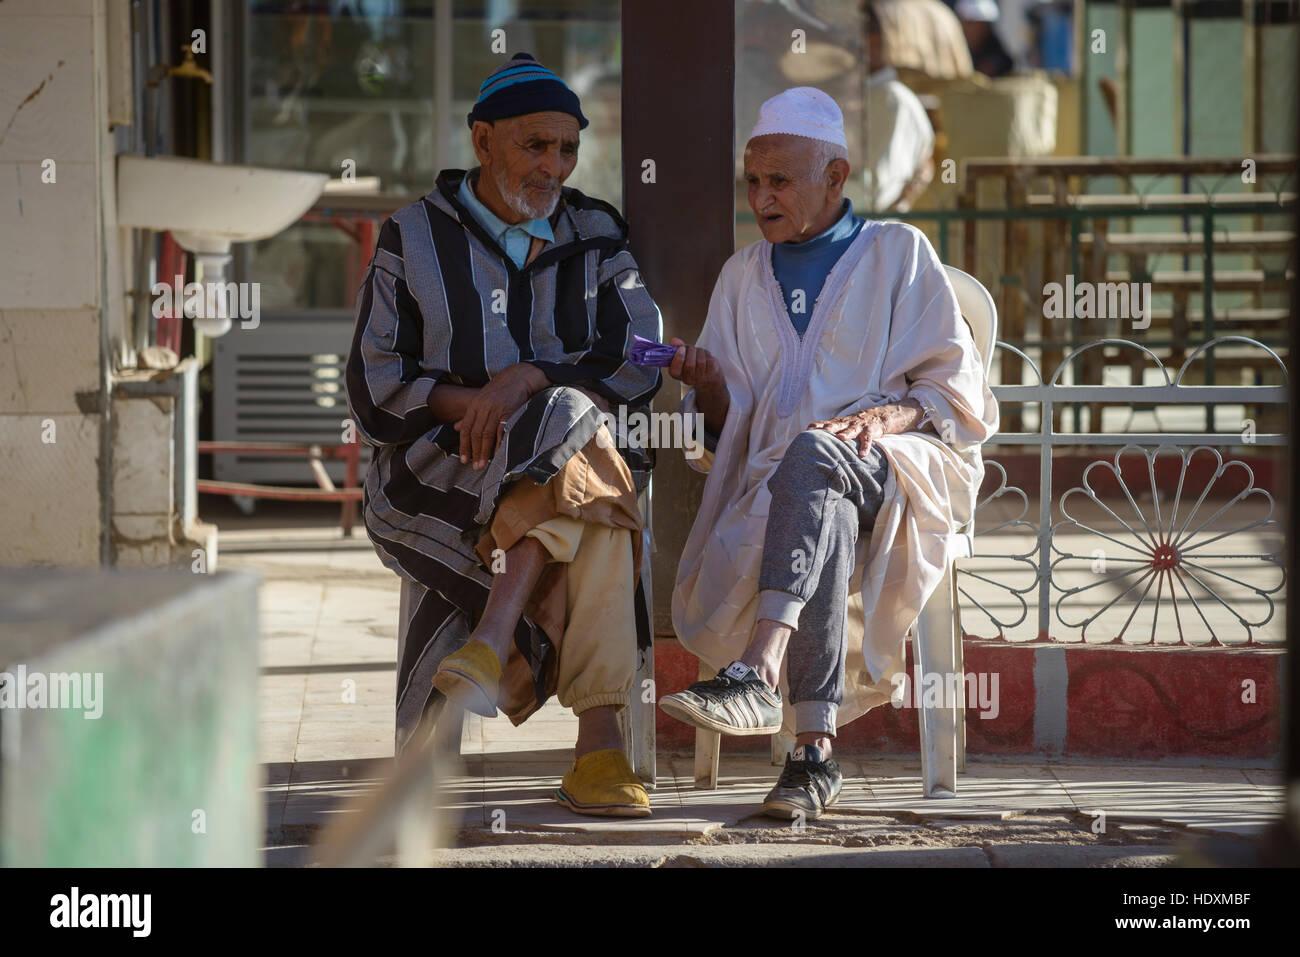 Marokkanische Männer, Marokko Stockbild